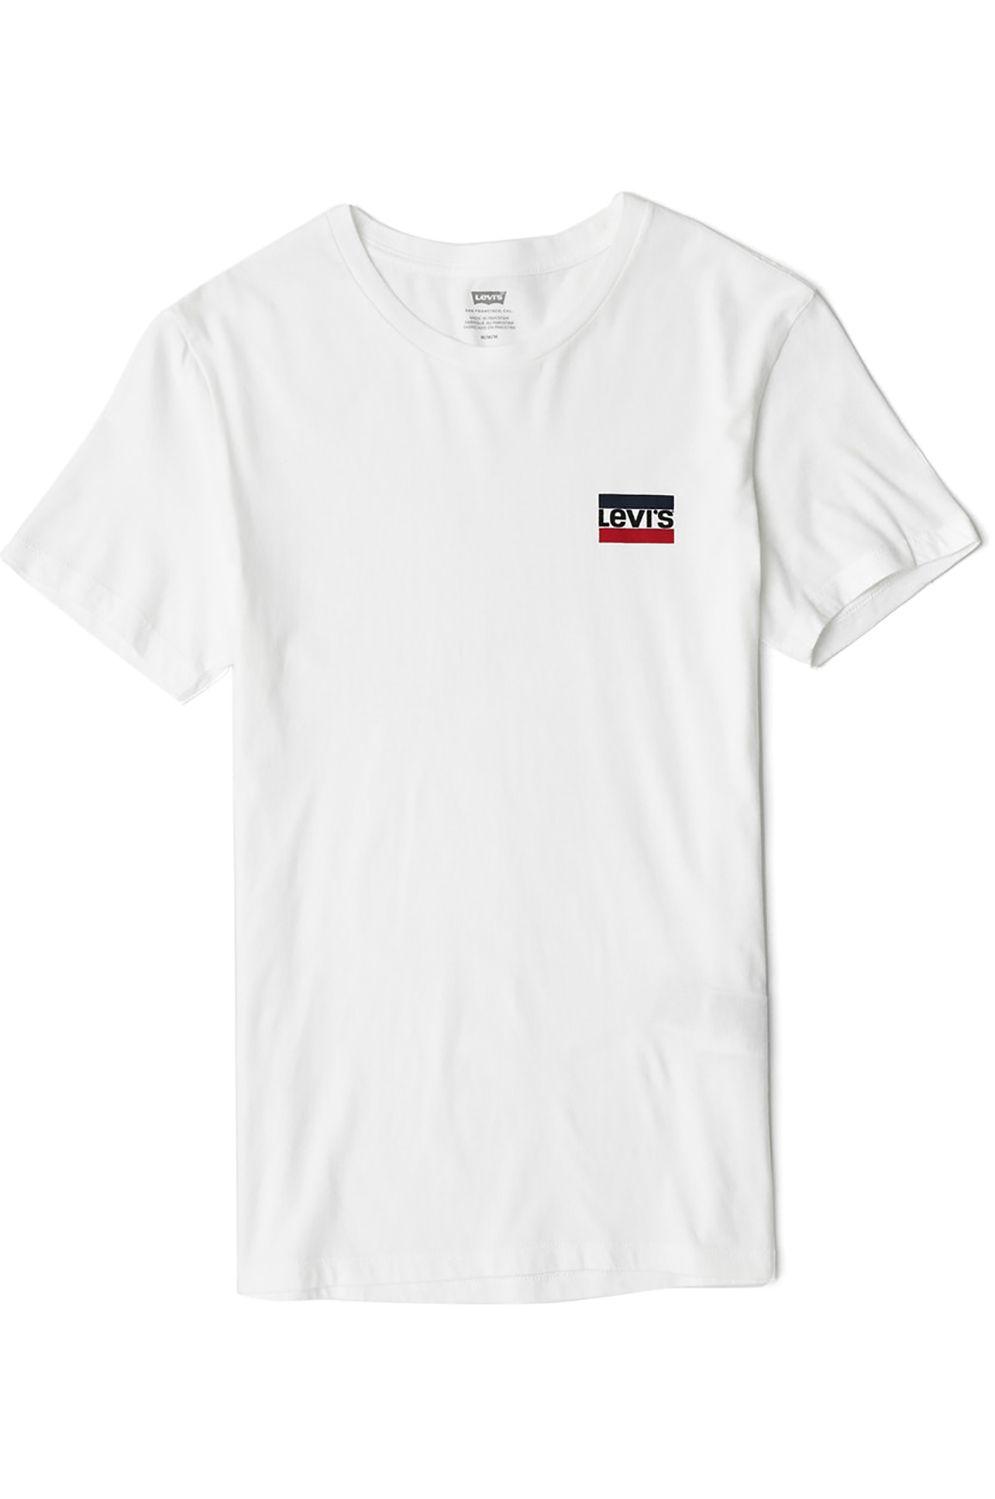 Levis T-Shirt CREWNECK GRAPHIC Sw White